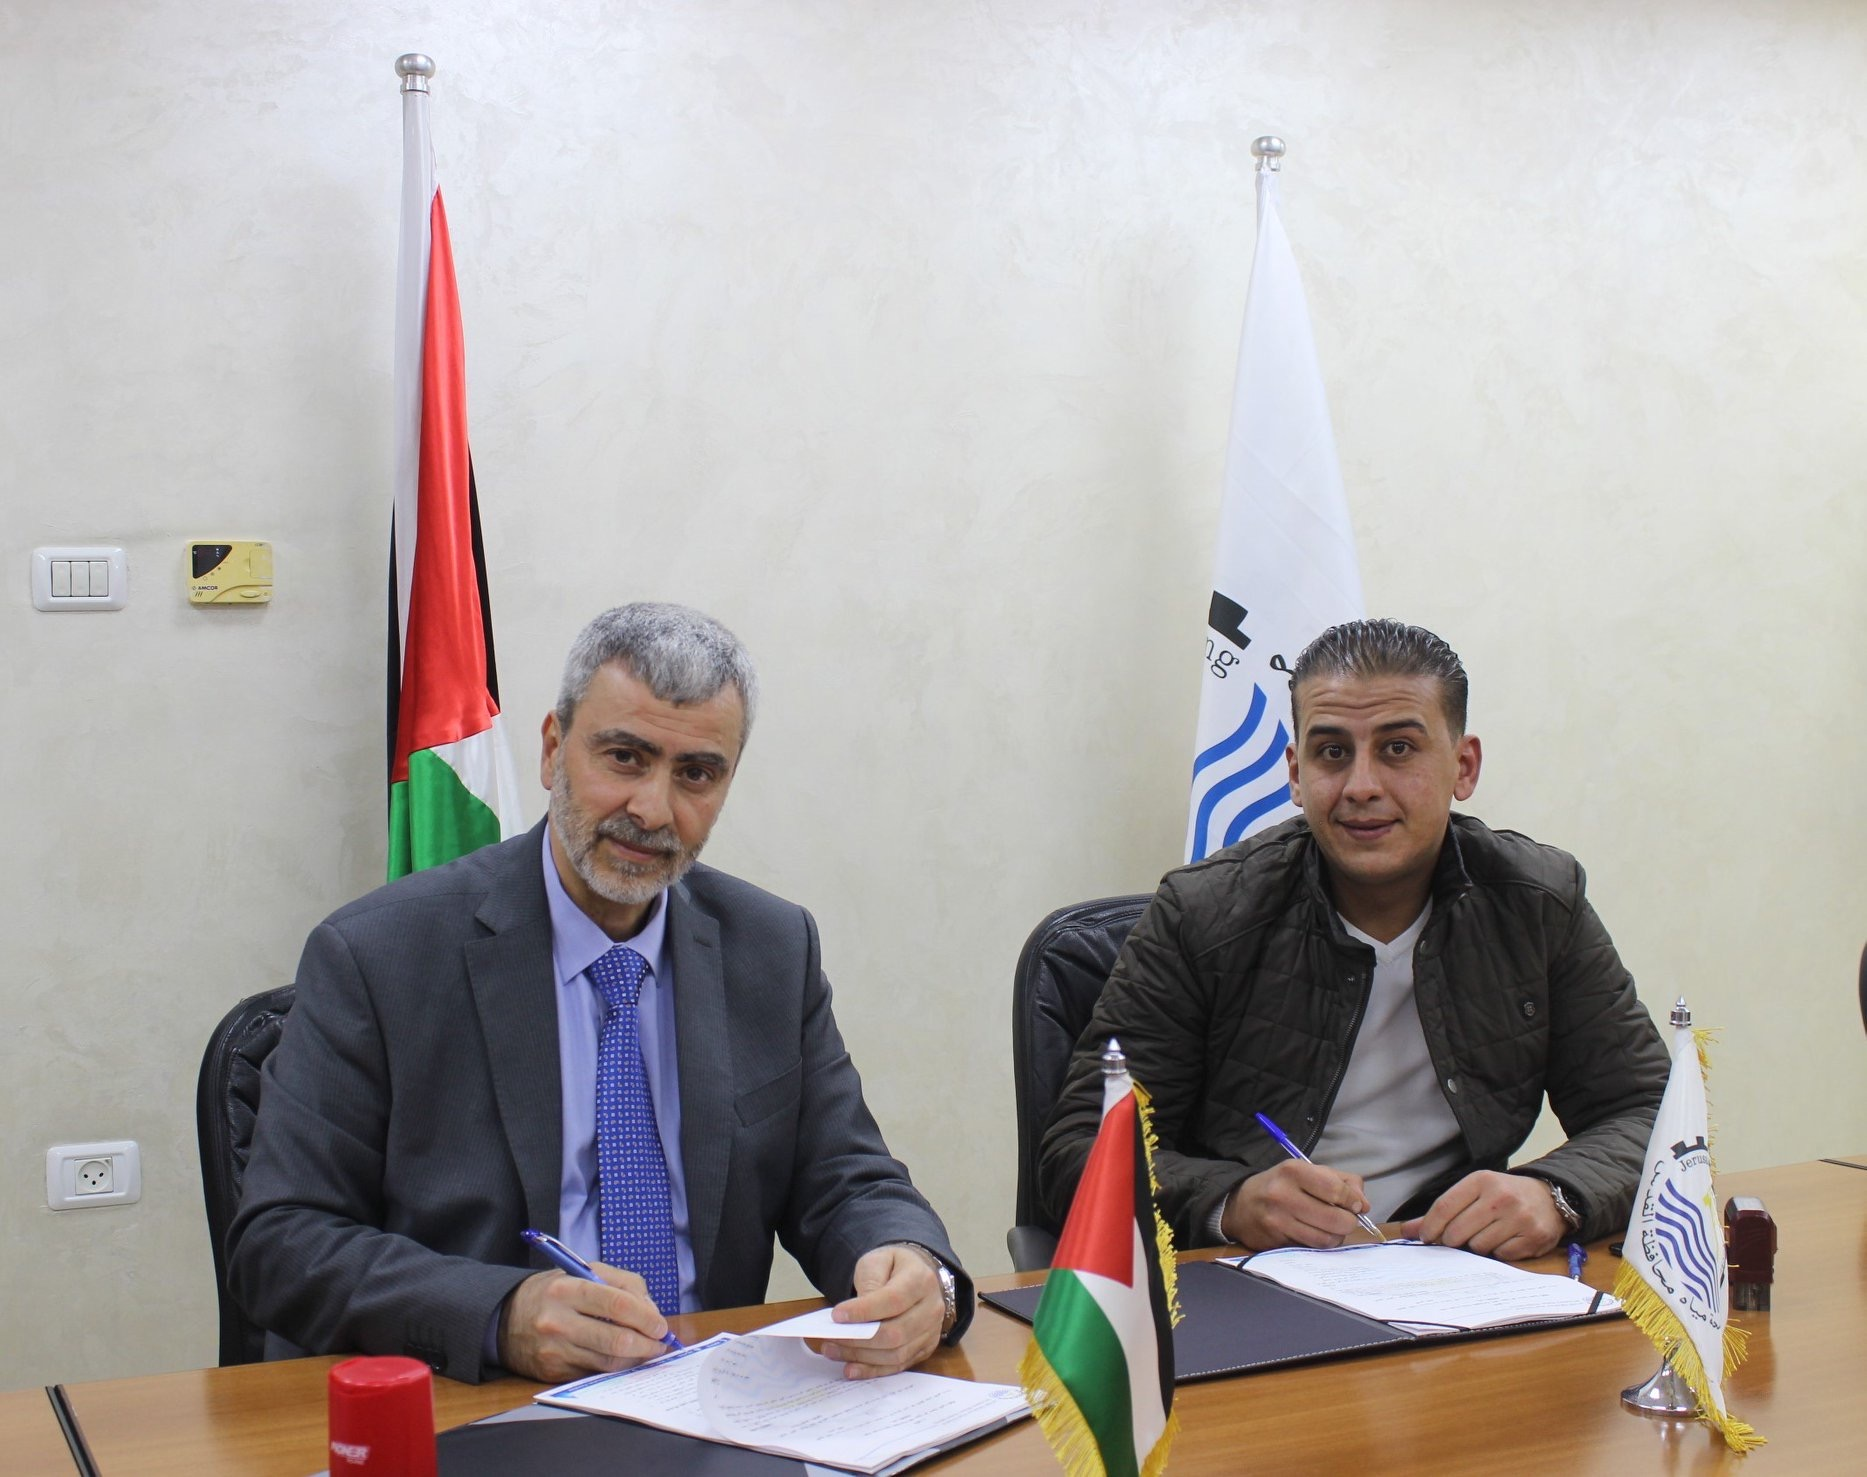 مصلحة مياه محافظة القدس تجدد اتفاقية شركة احمد السلامين للتعهدات العامة للعام 2020